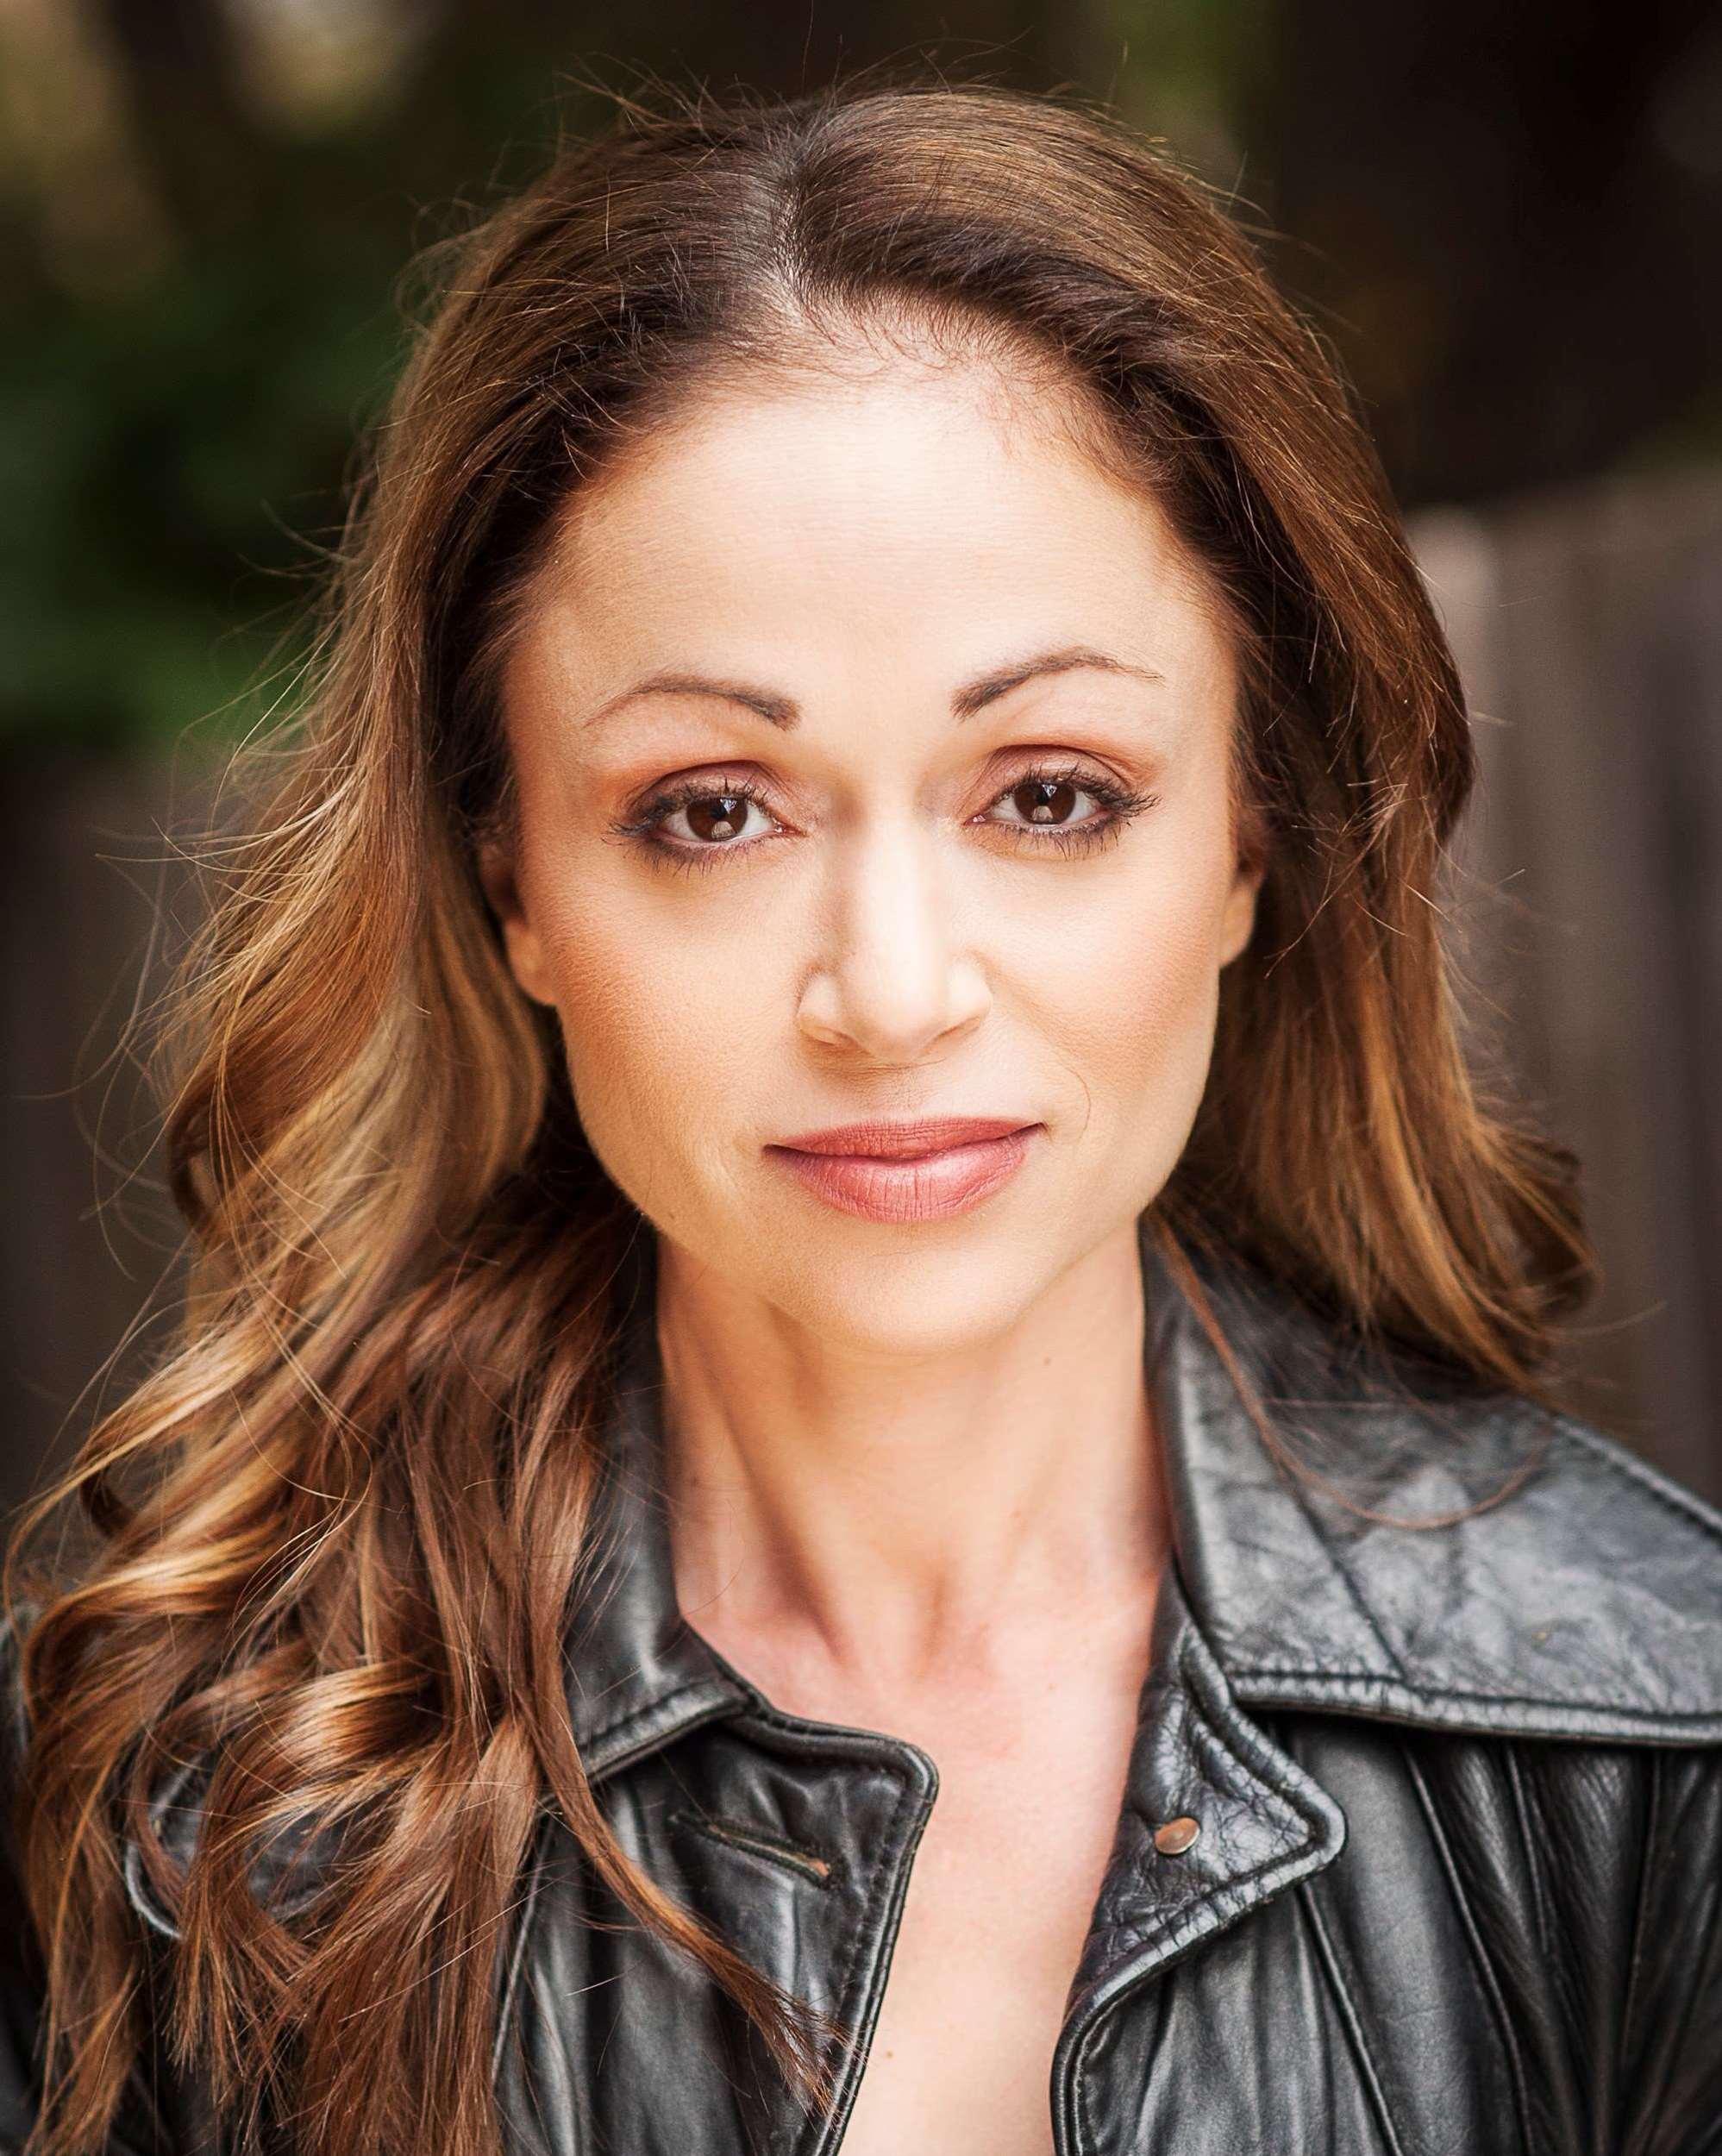 Vanessa Hillie